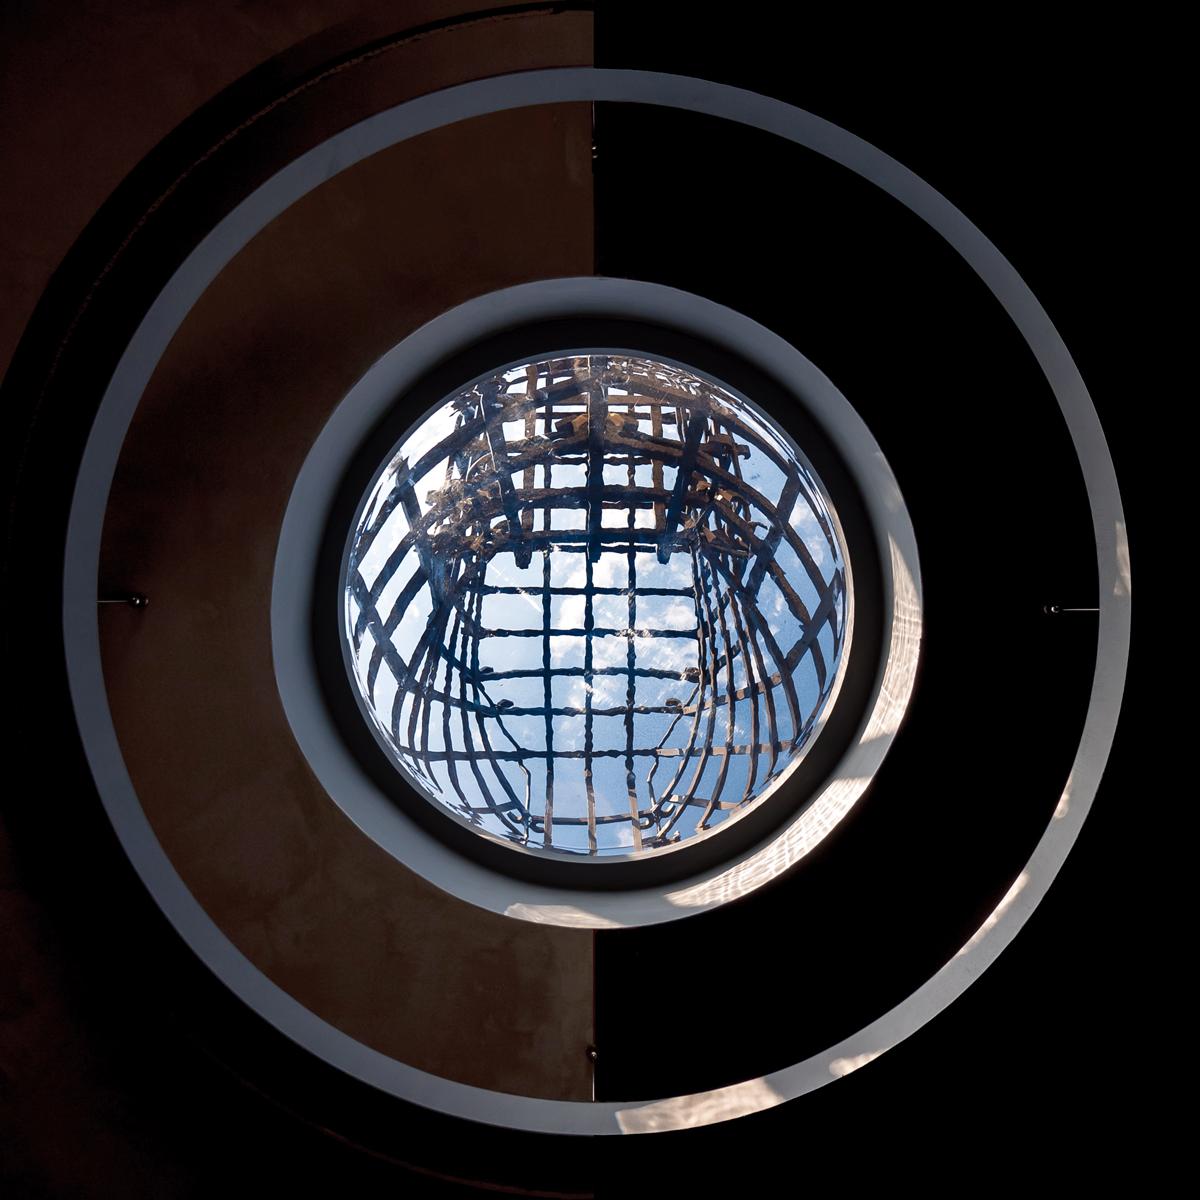 LA LUNA E IL COLOSSO | un'opera visionaria che rinnova il cavallo di Leonardo di Vinci | l'oculo trasparente verso il cielo | Bottega di Architettura